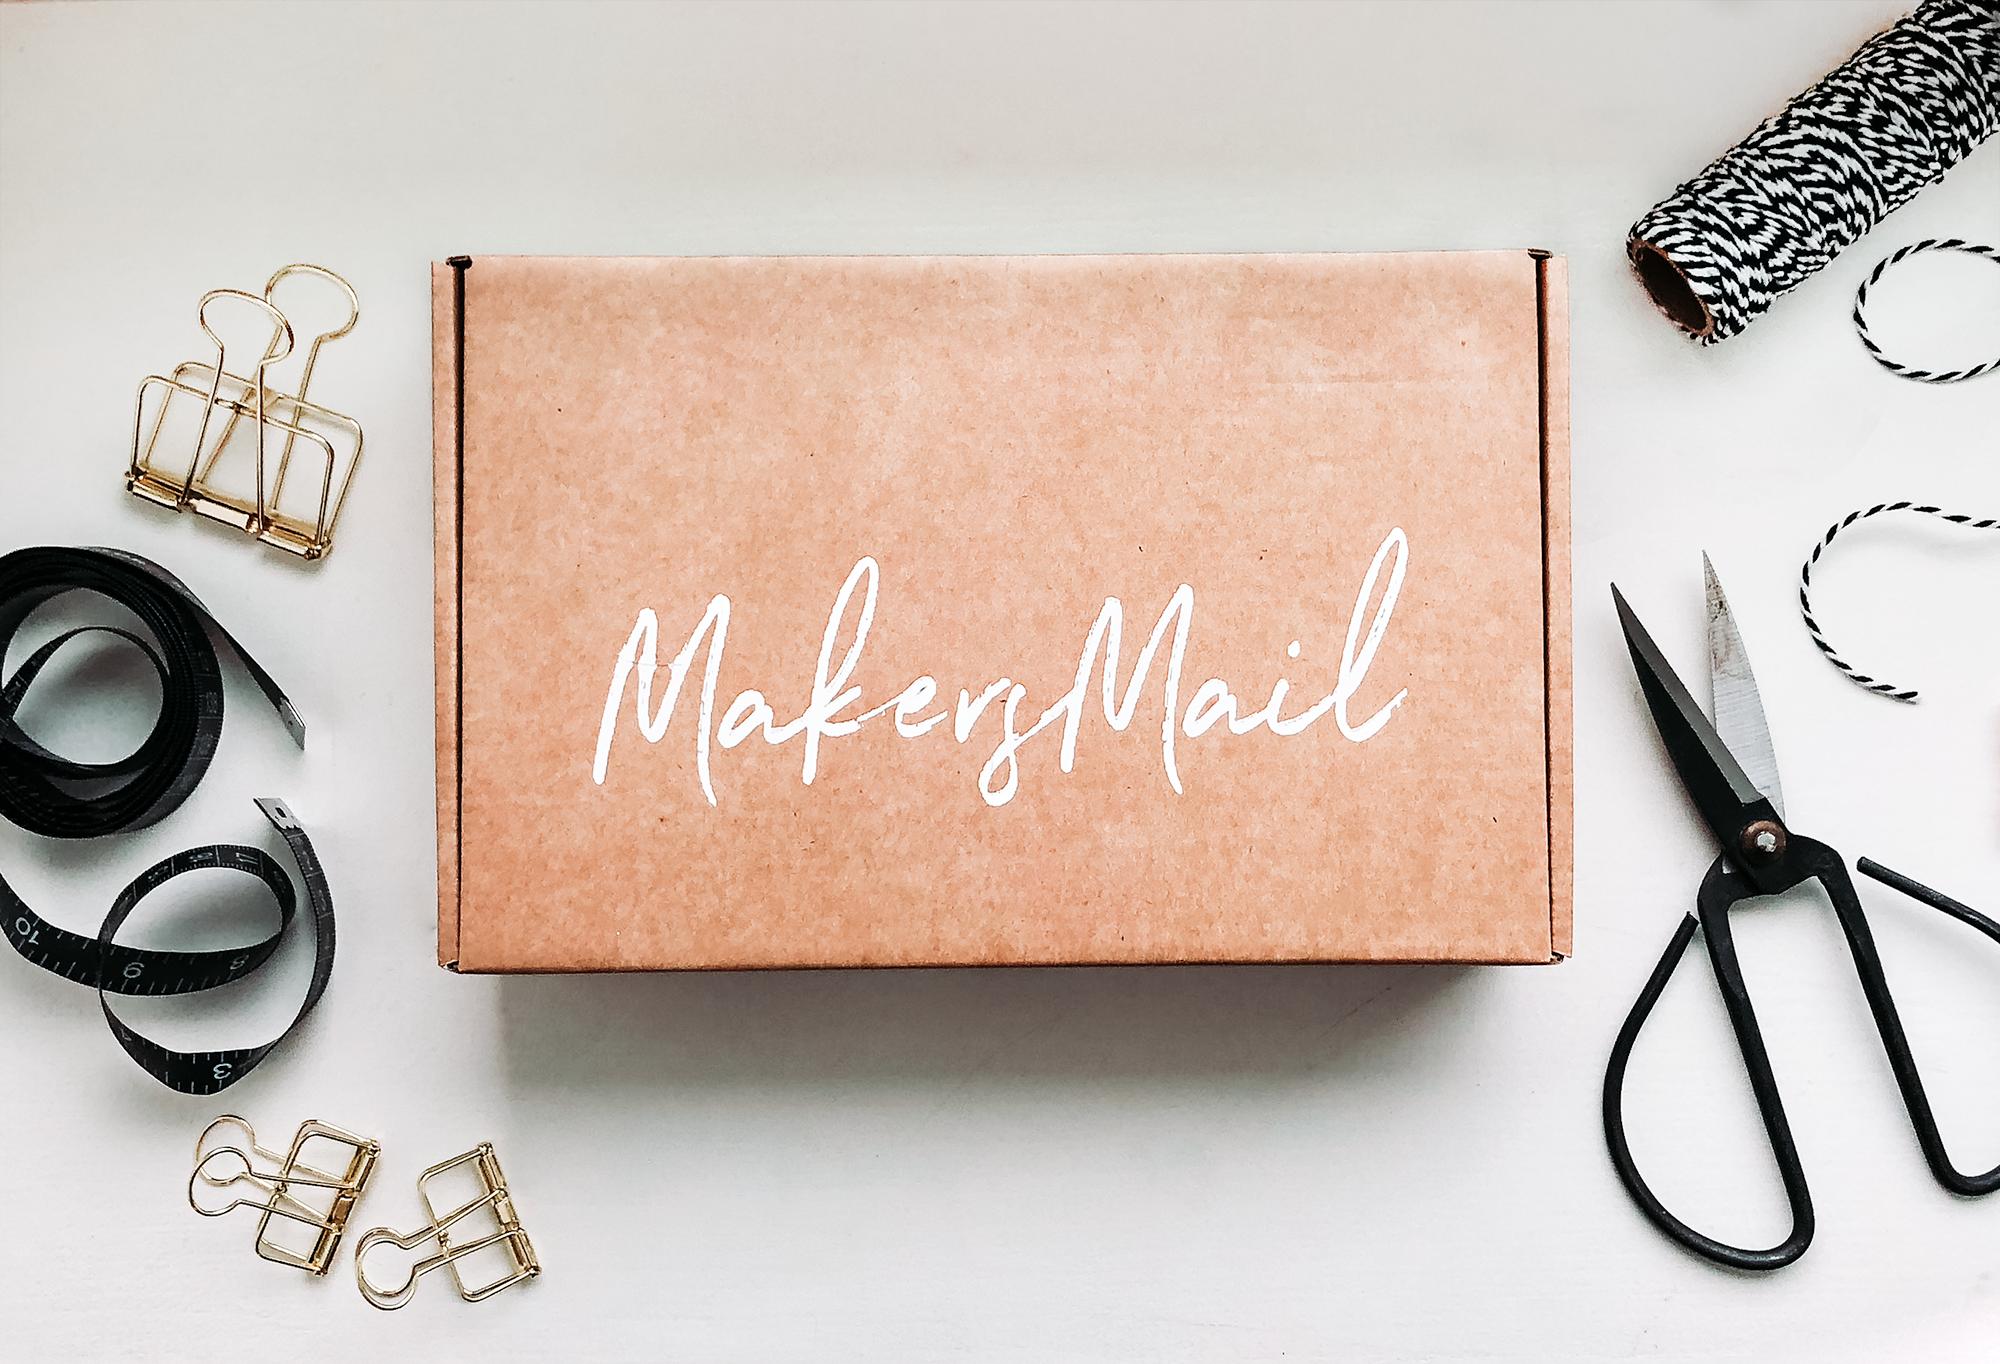 Makers Mail | DIY box | Hantverksprenumerationstjänst i Norden | By Sandramaria | Sandramarias.com